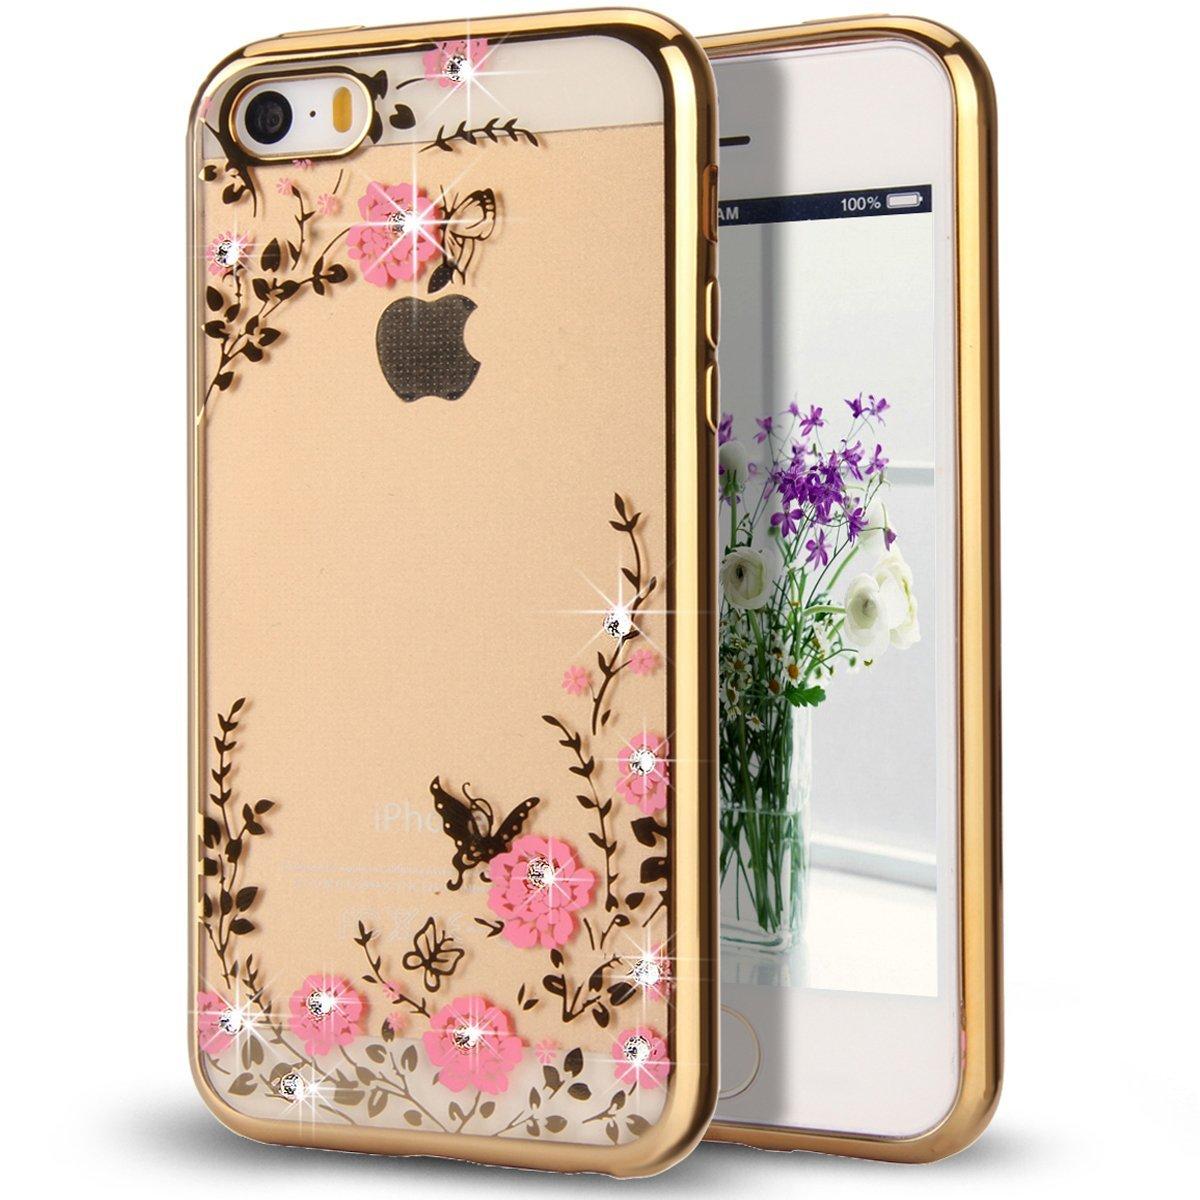 Obal / kryt Crystal Flowers pro iPhone SE / 5s / 5 (rose gold)